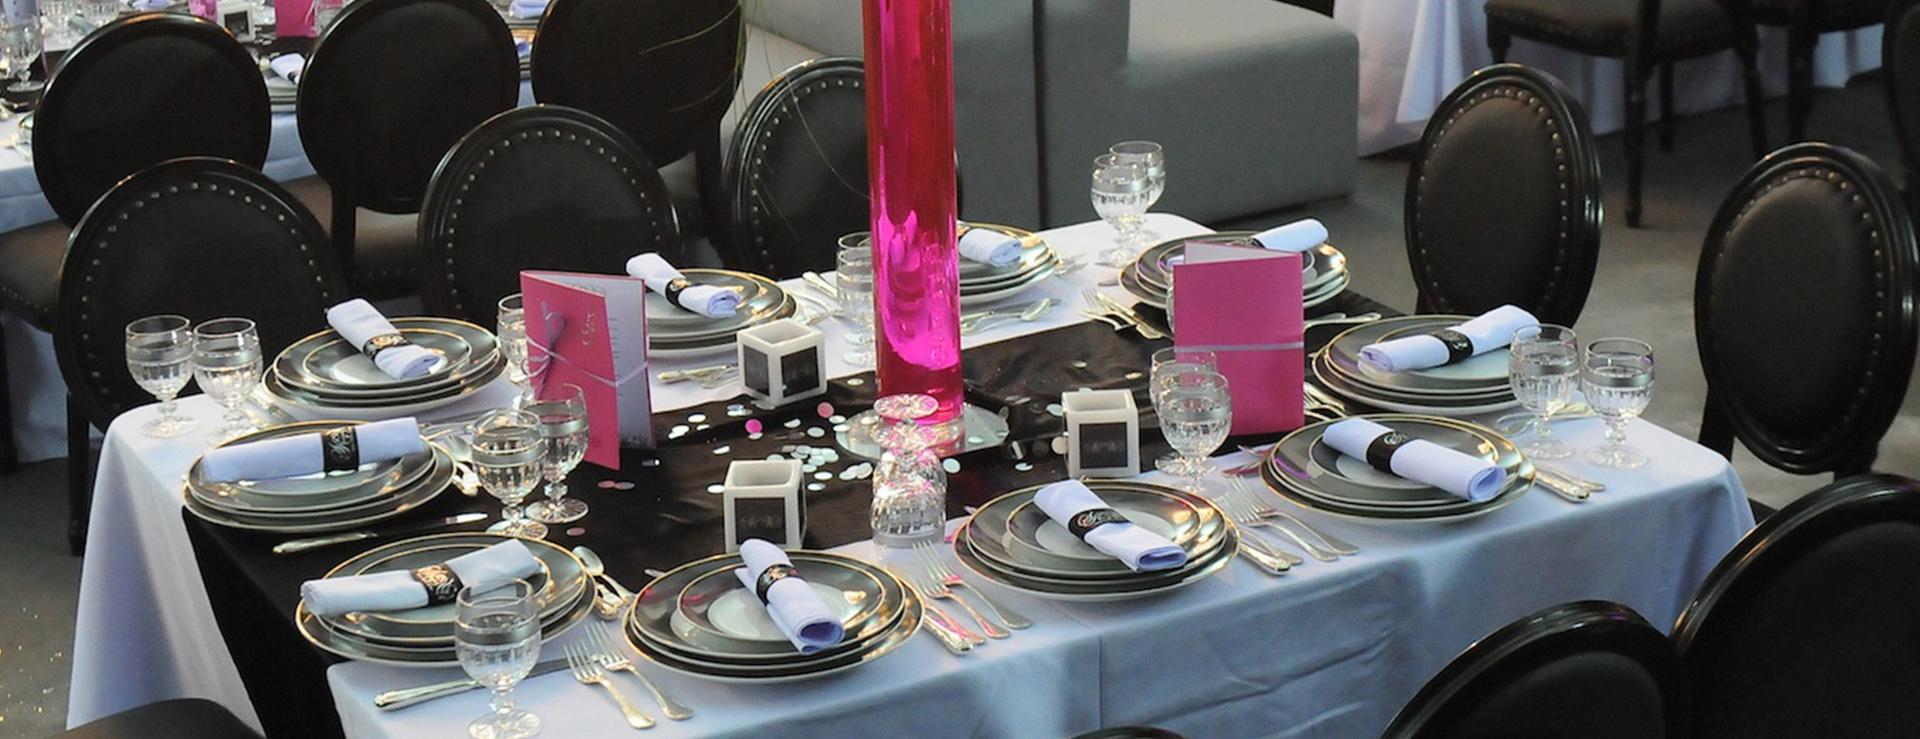 traiteur casablanca said chraibi 0661232931 traiteur maroc organisation de fete traiteur. Black Bedroom Furniture Sets. Home Design Ideas